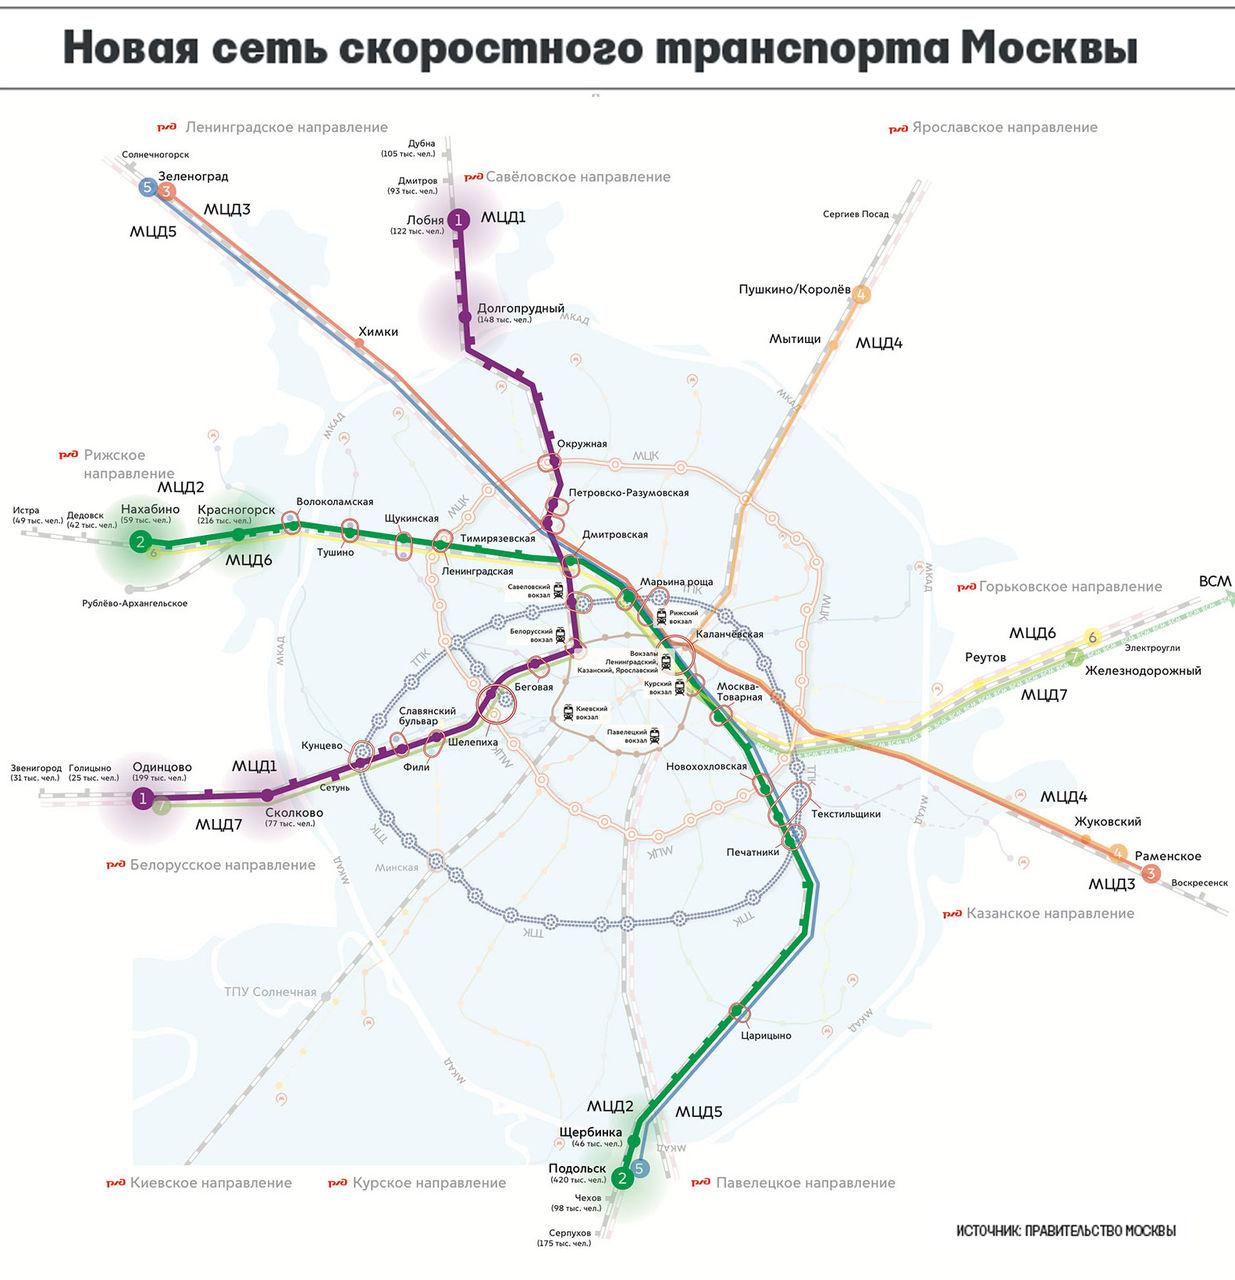 Схема линий скоростного транспорта москвы 2017